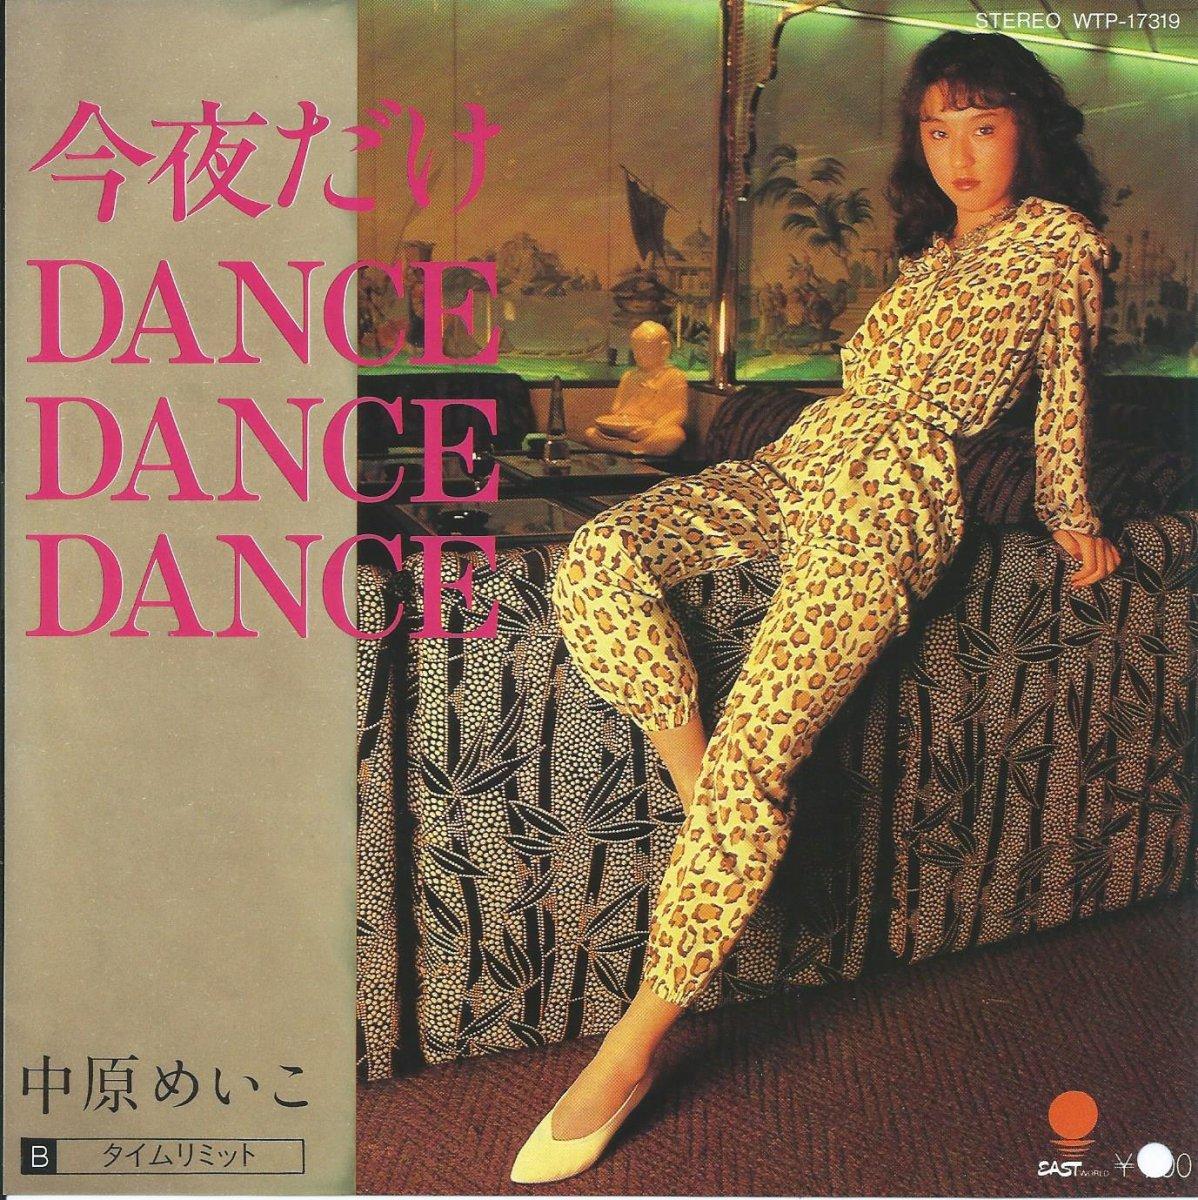 中原めいこ MEIKO NAKAHARA / 今夜だけDANCE・DANCE・DANCE / タイムリミット (7